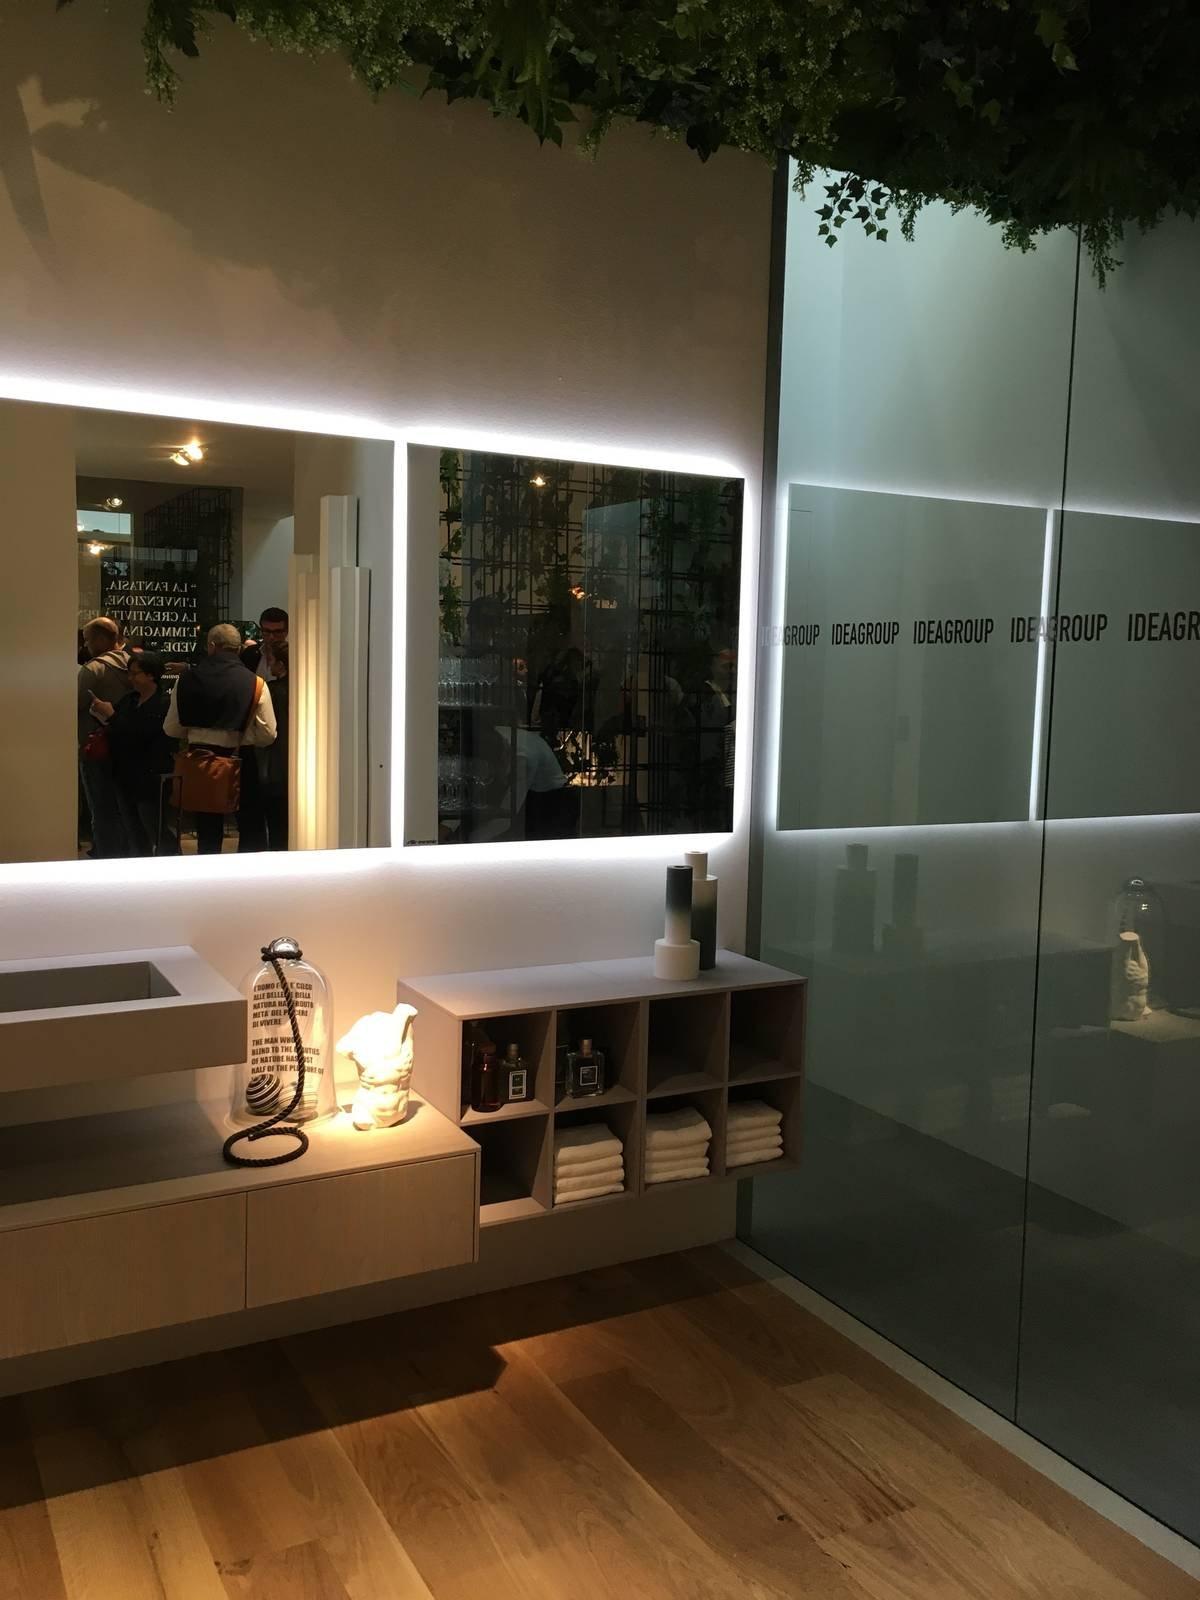 Foto in diretta da cersaie 2017 guarda le nuove tendenze - Piastrelle vendita diretta ...